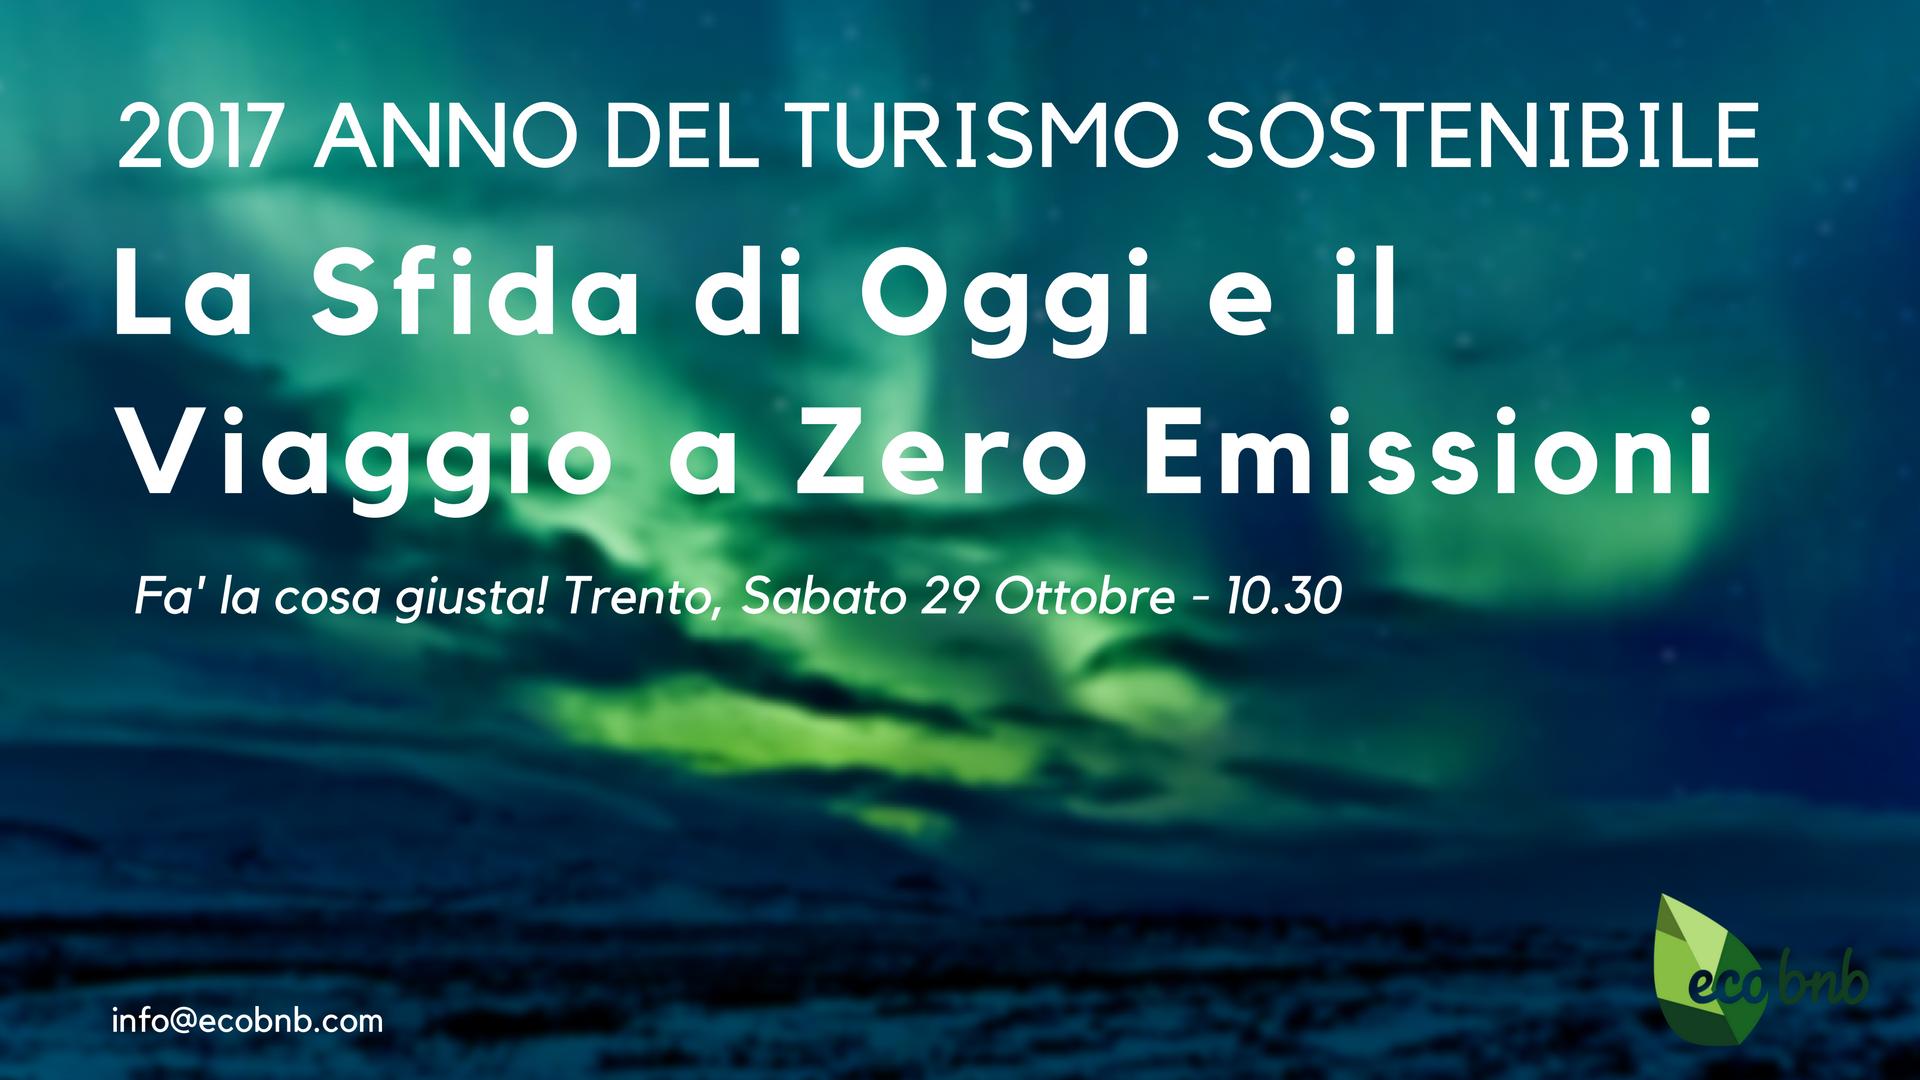 La sfida di oggi e il viaggio a zero emissioni, conferenza a fa' la cosa giusta! Trento